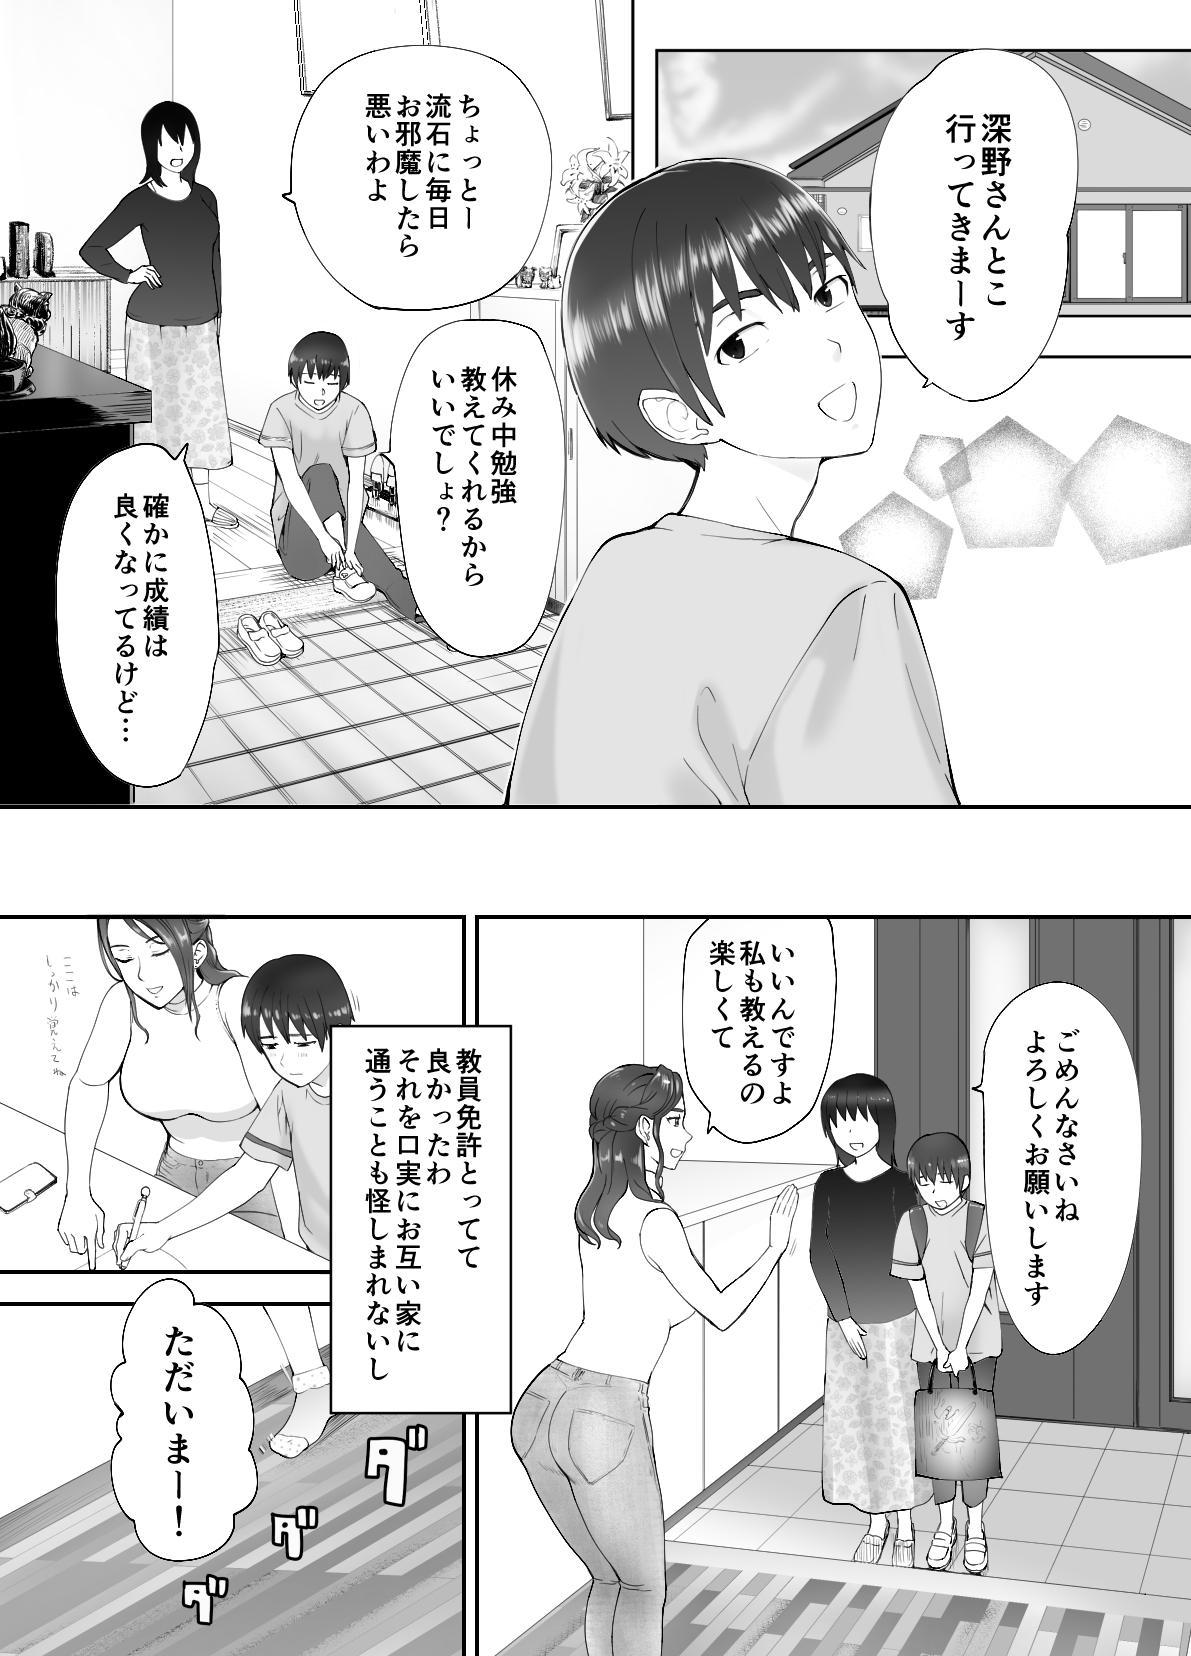 Osananajimi ga Mama to Yatte Imasu. 2 16